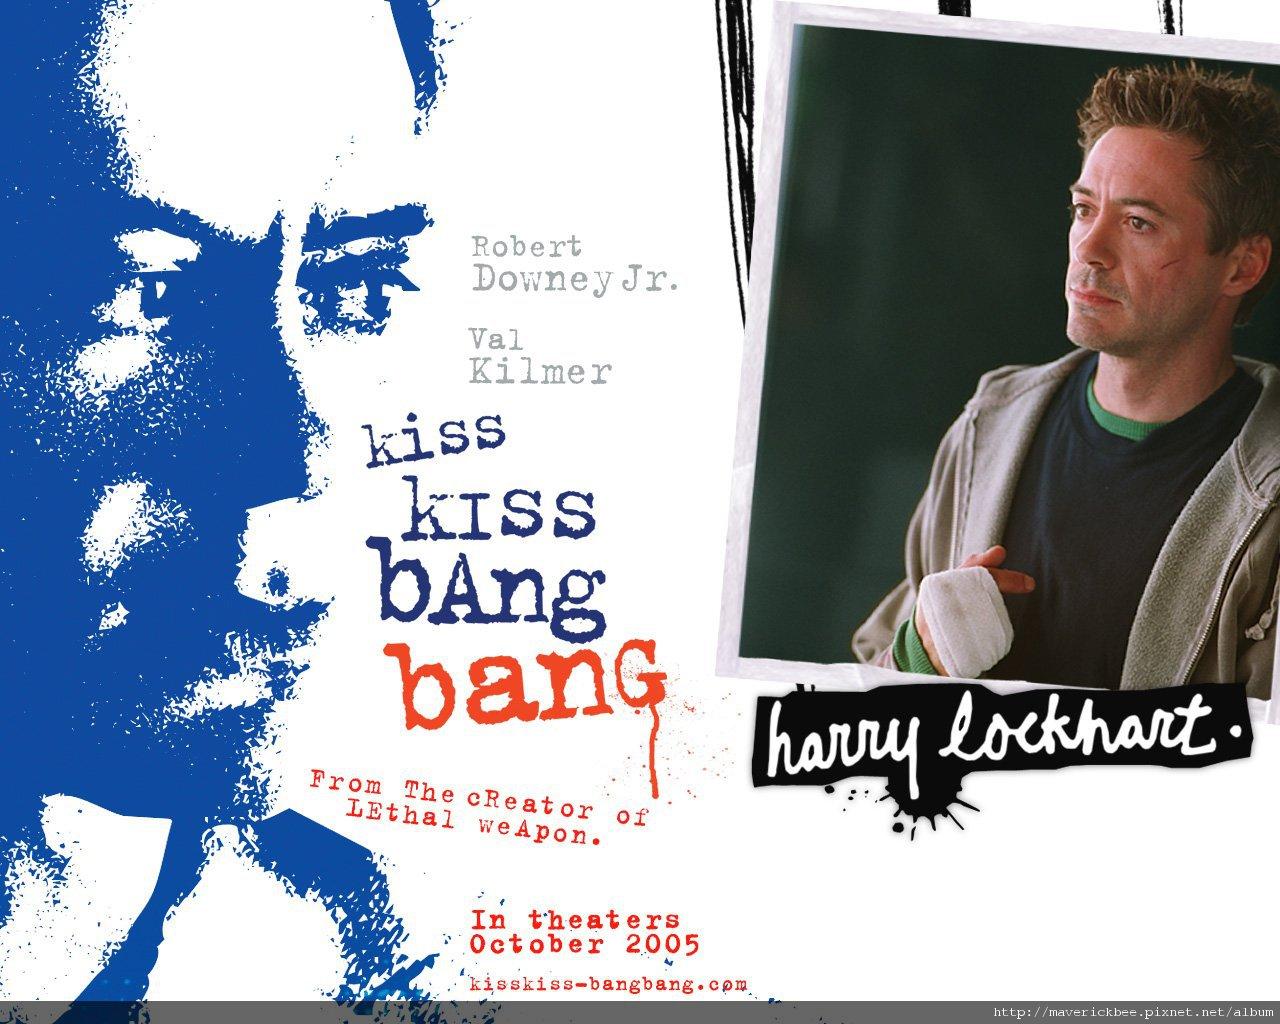 kiss kiss bang bang 02.jpg